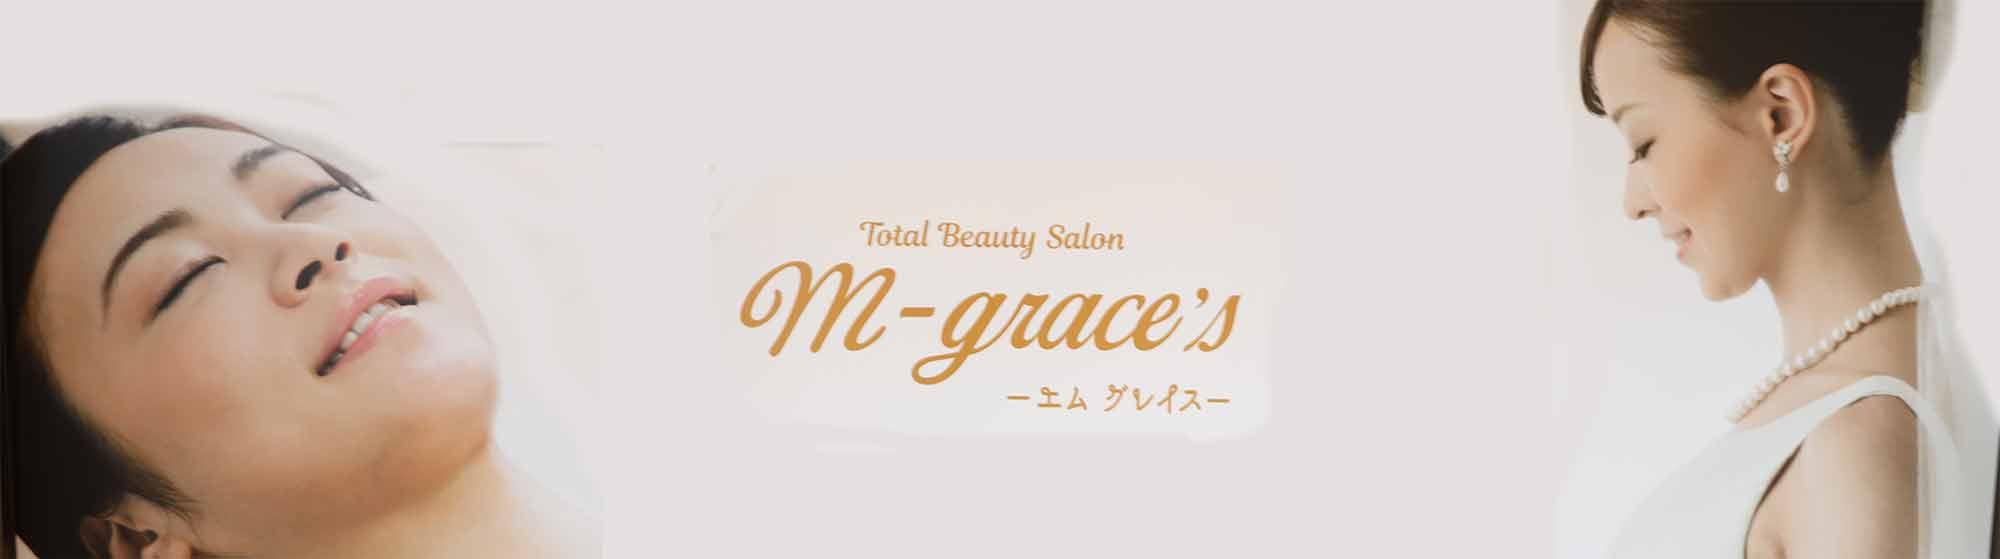 m-grace's(エムグレイス)